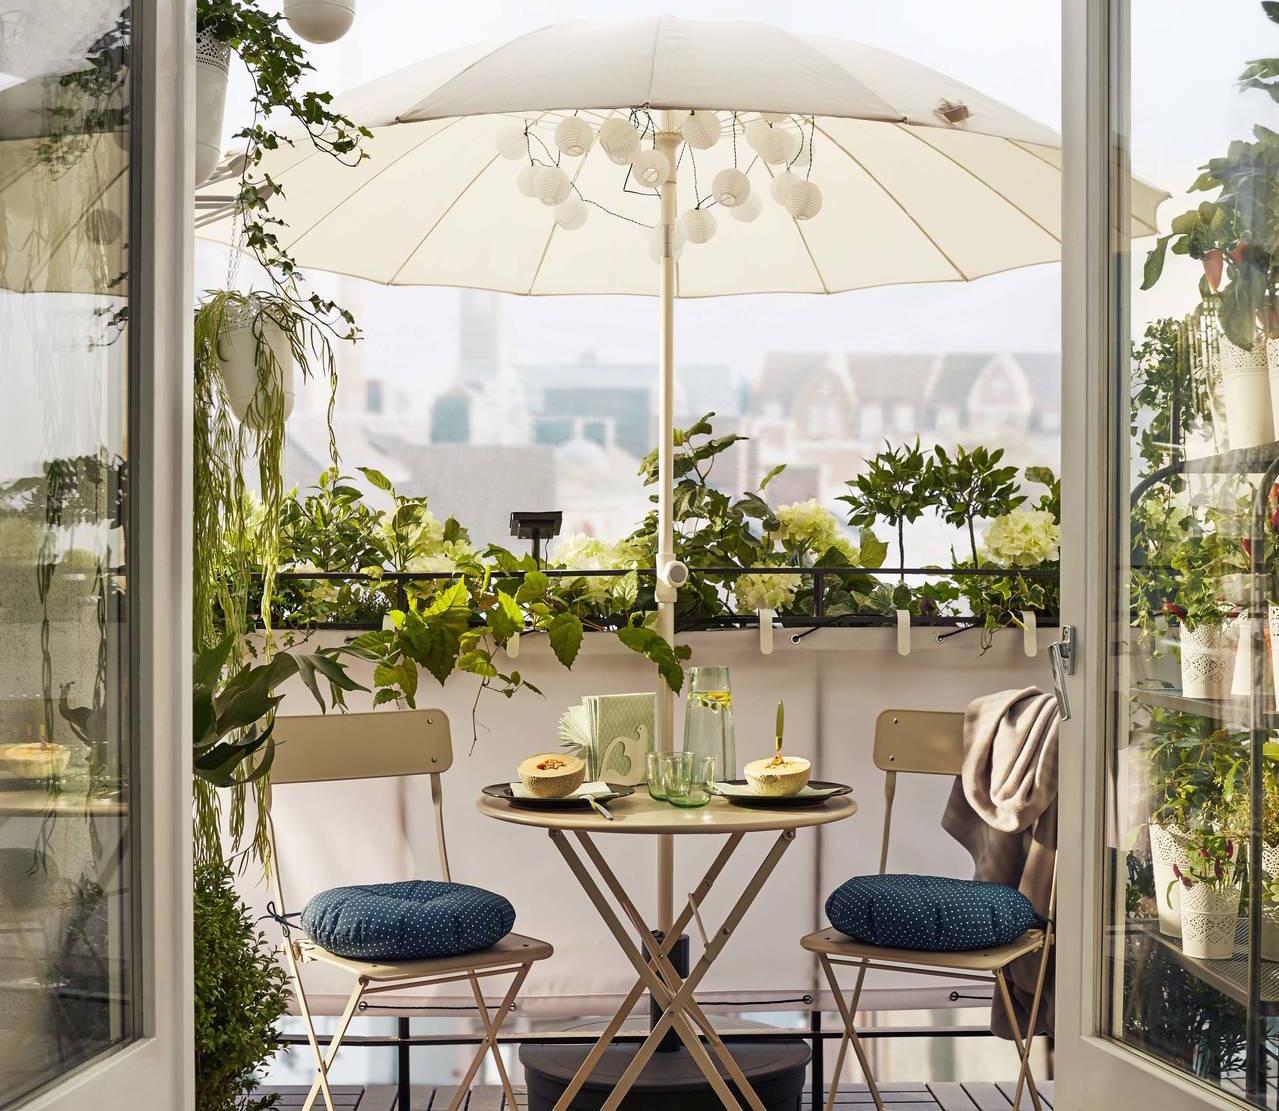 Come arredare il balcone piccolo: 10 soluzioni Ikea  DireDonna